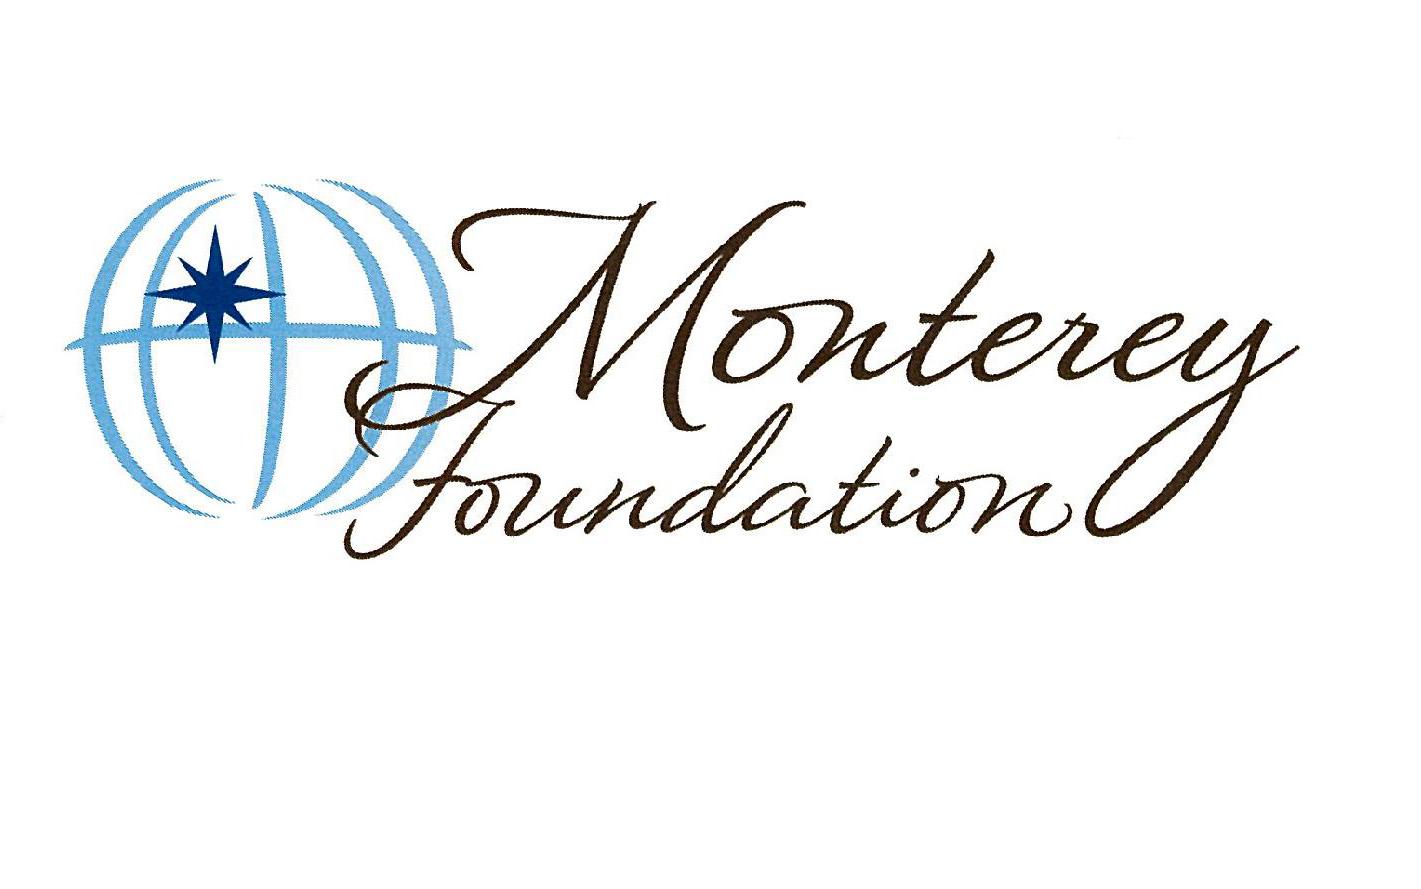 monterrey foundation image.jpg